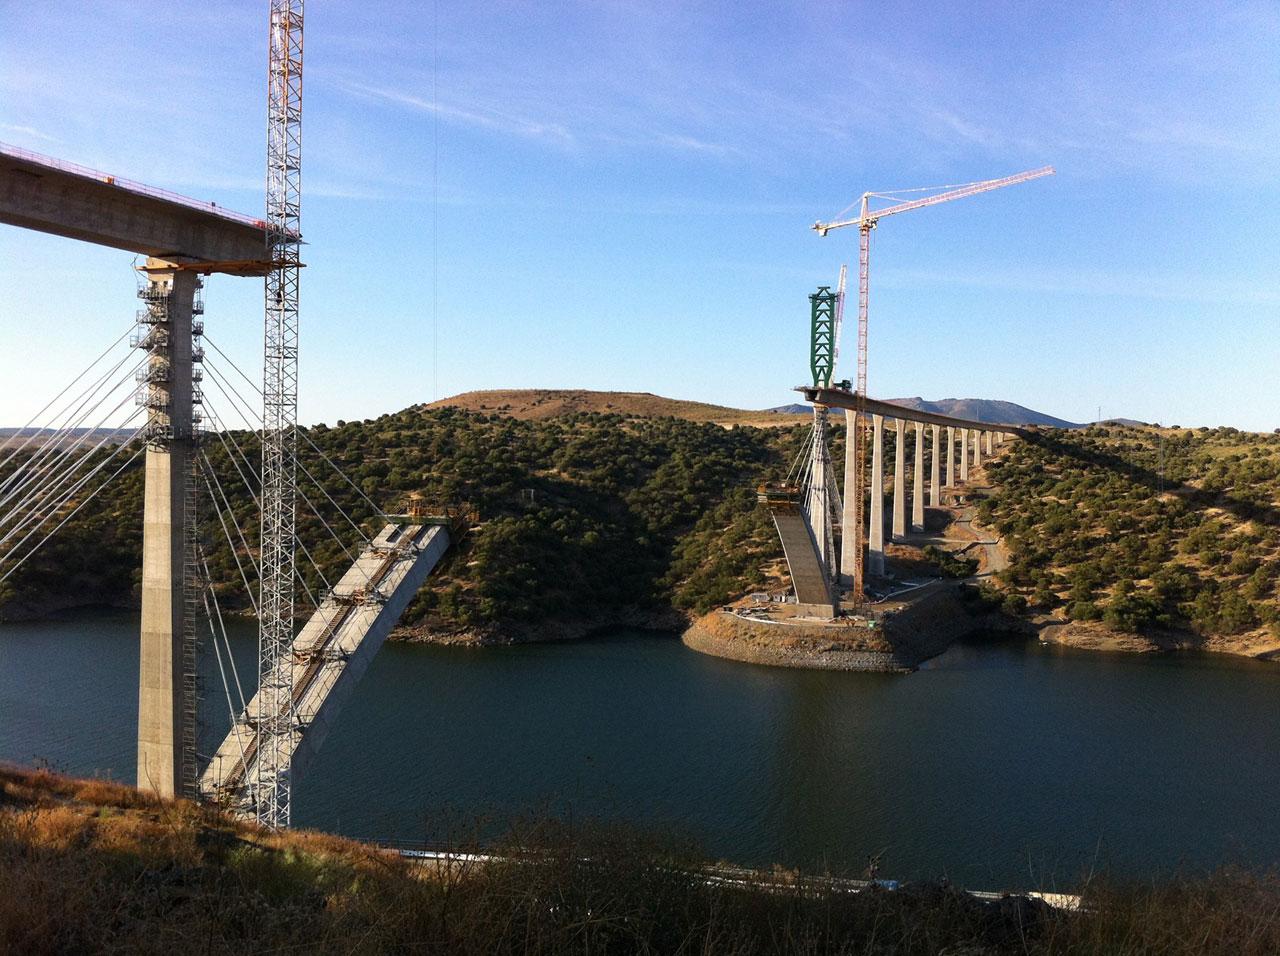 Línea de Alta Velocidad Madrid – Extremadura. Tramo: Cañaveral – Embalse de Alcántara